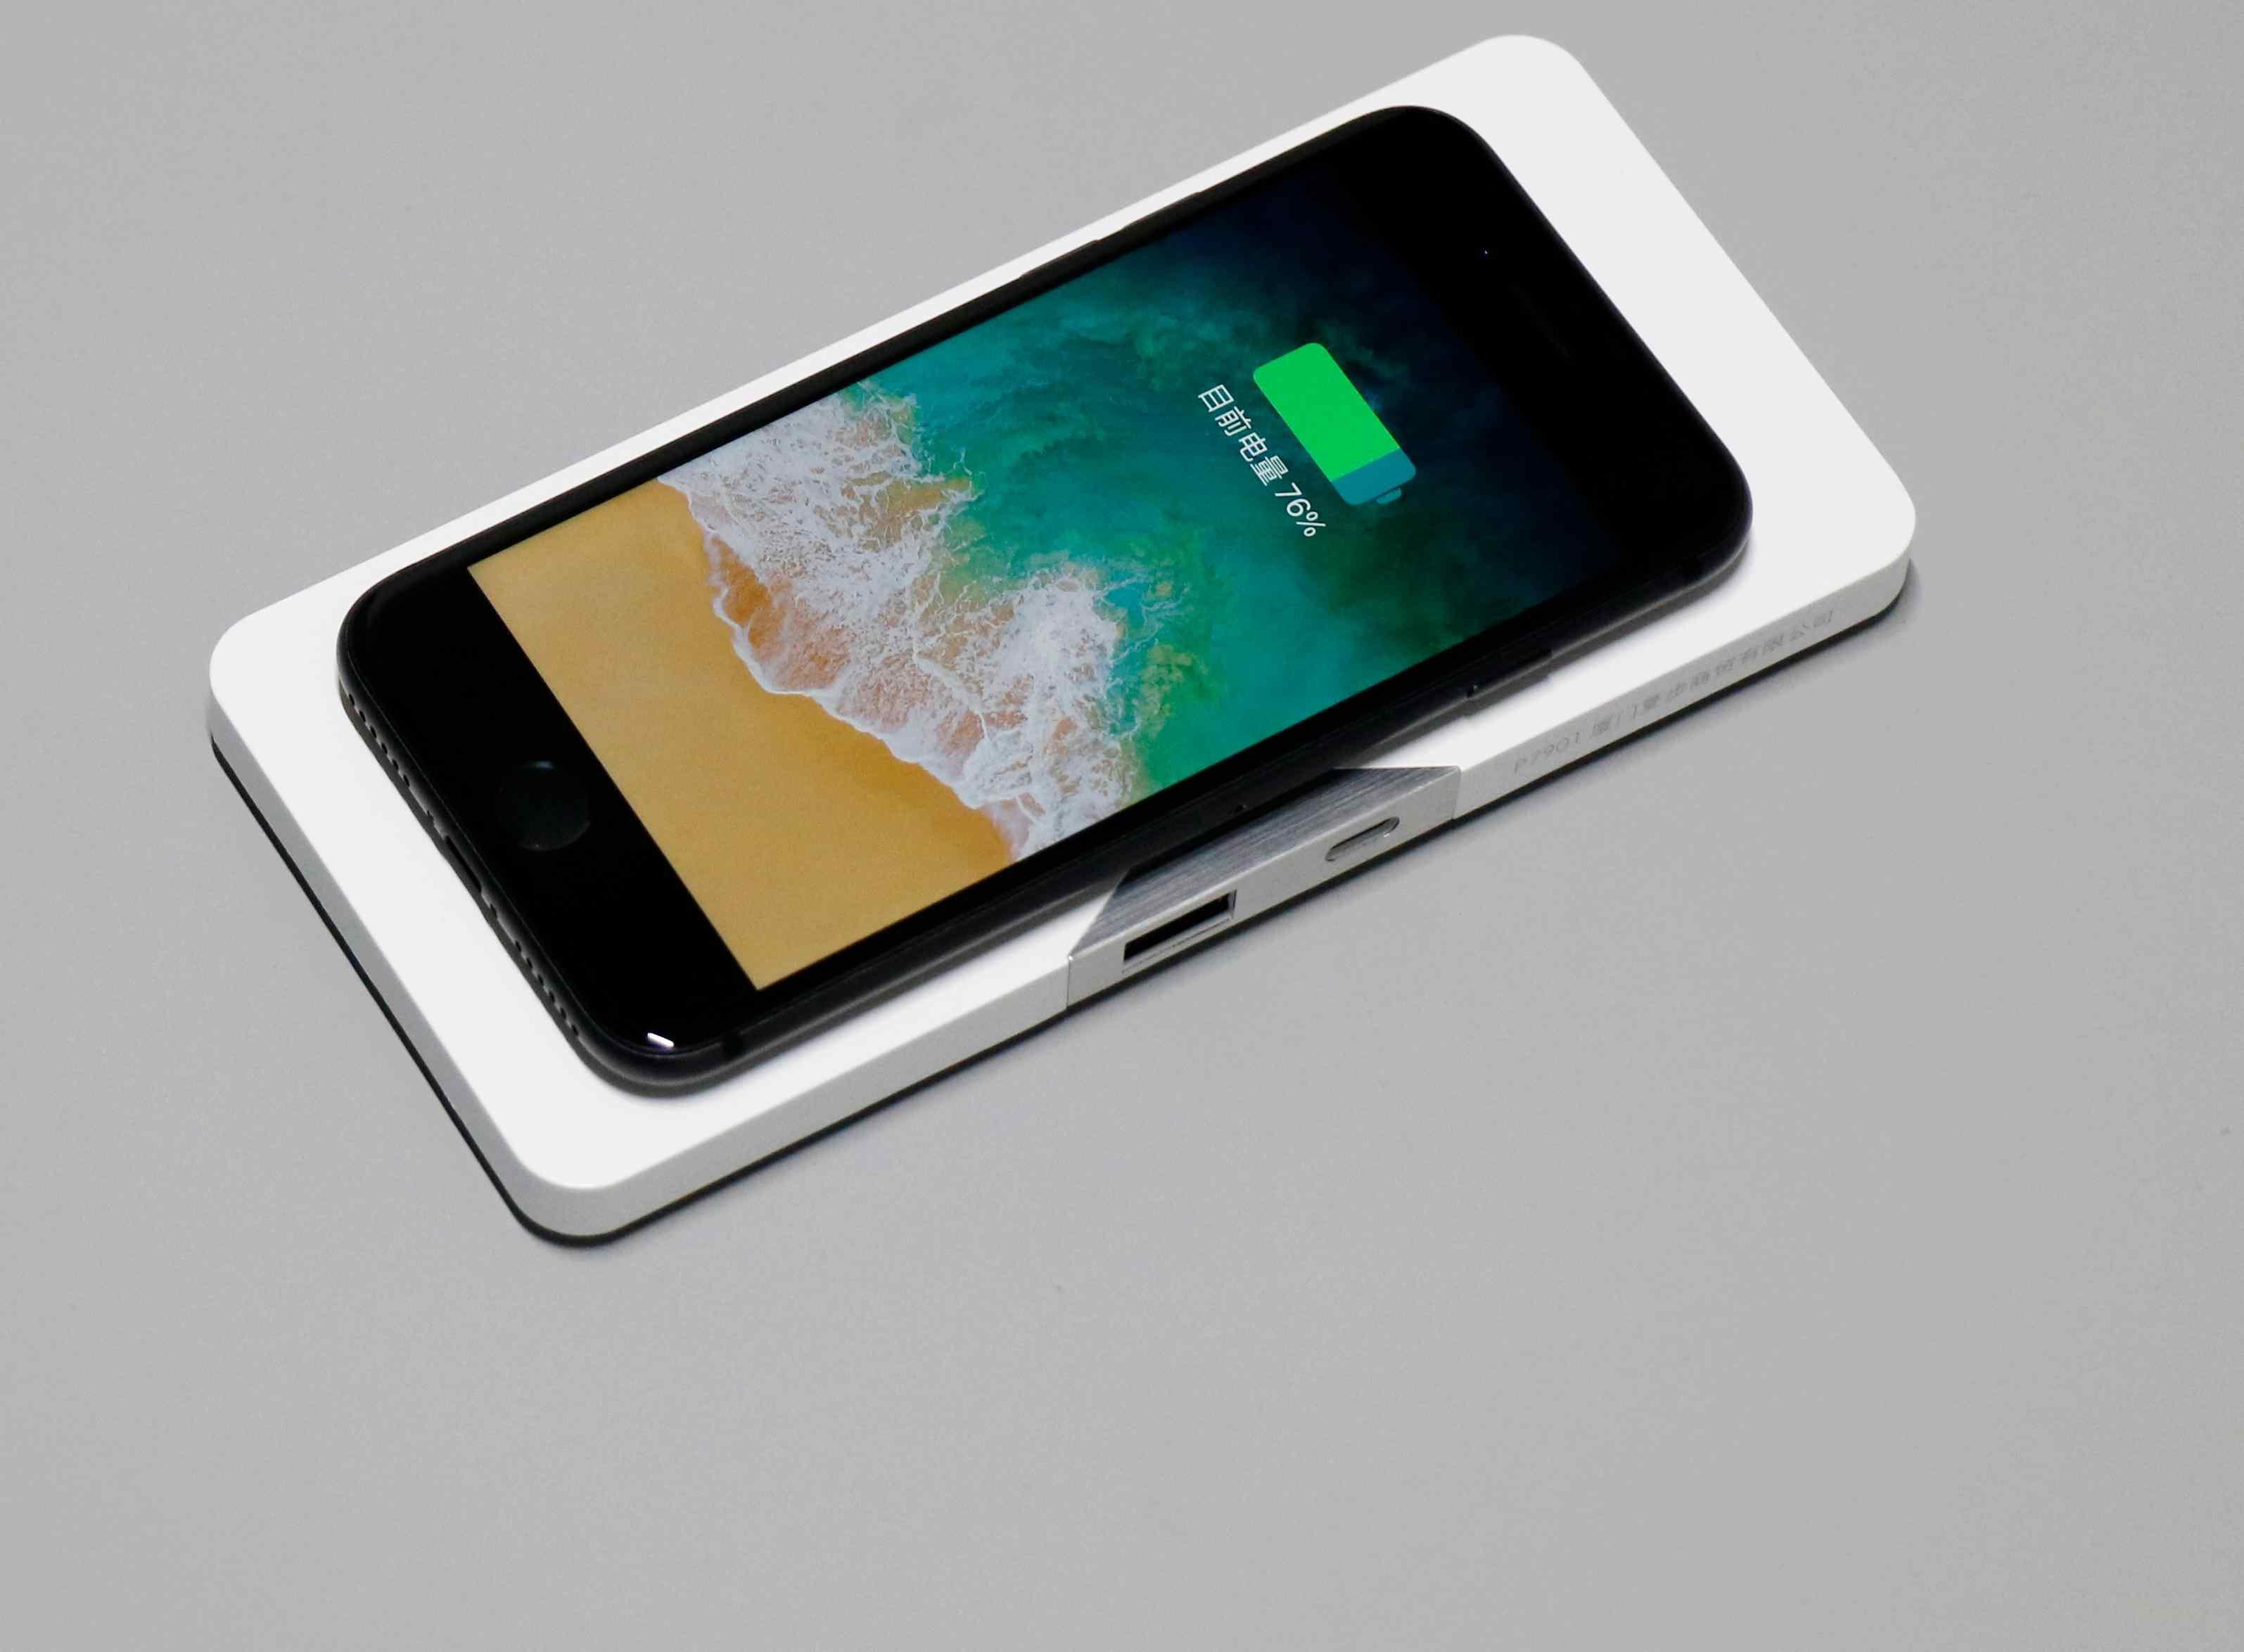 苹果电池健康怎么保持 苹果怎么保护电池健康